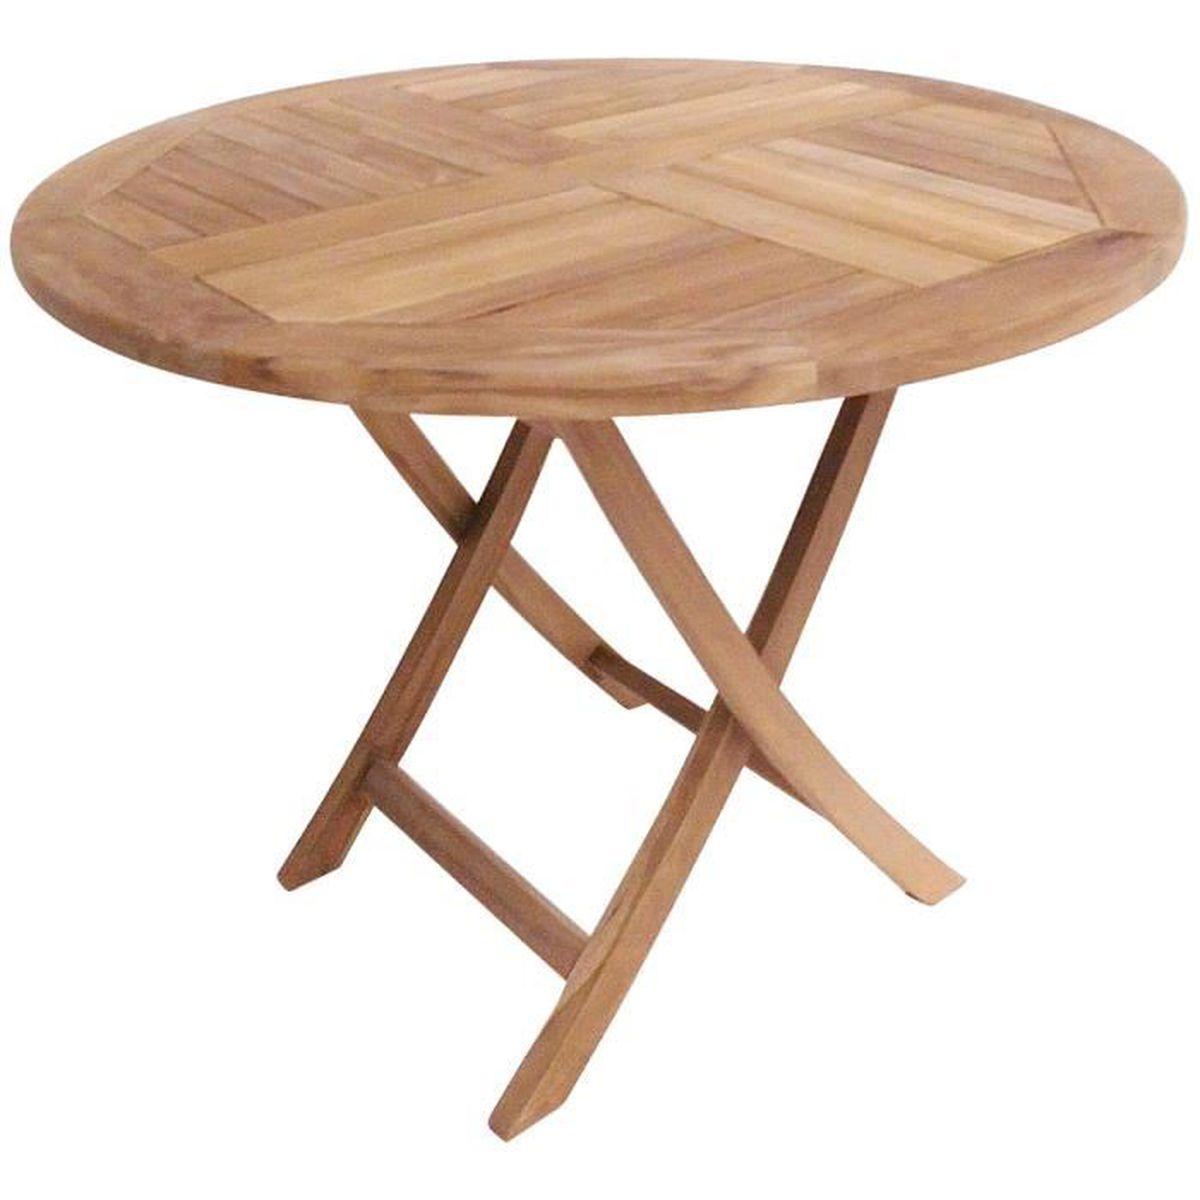 Table ronde de jardin pliable en teck massif - Achat / Vente ...